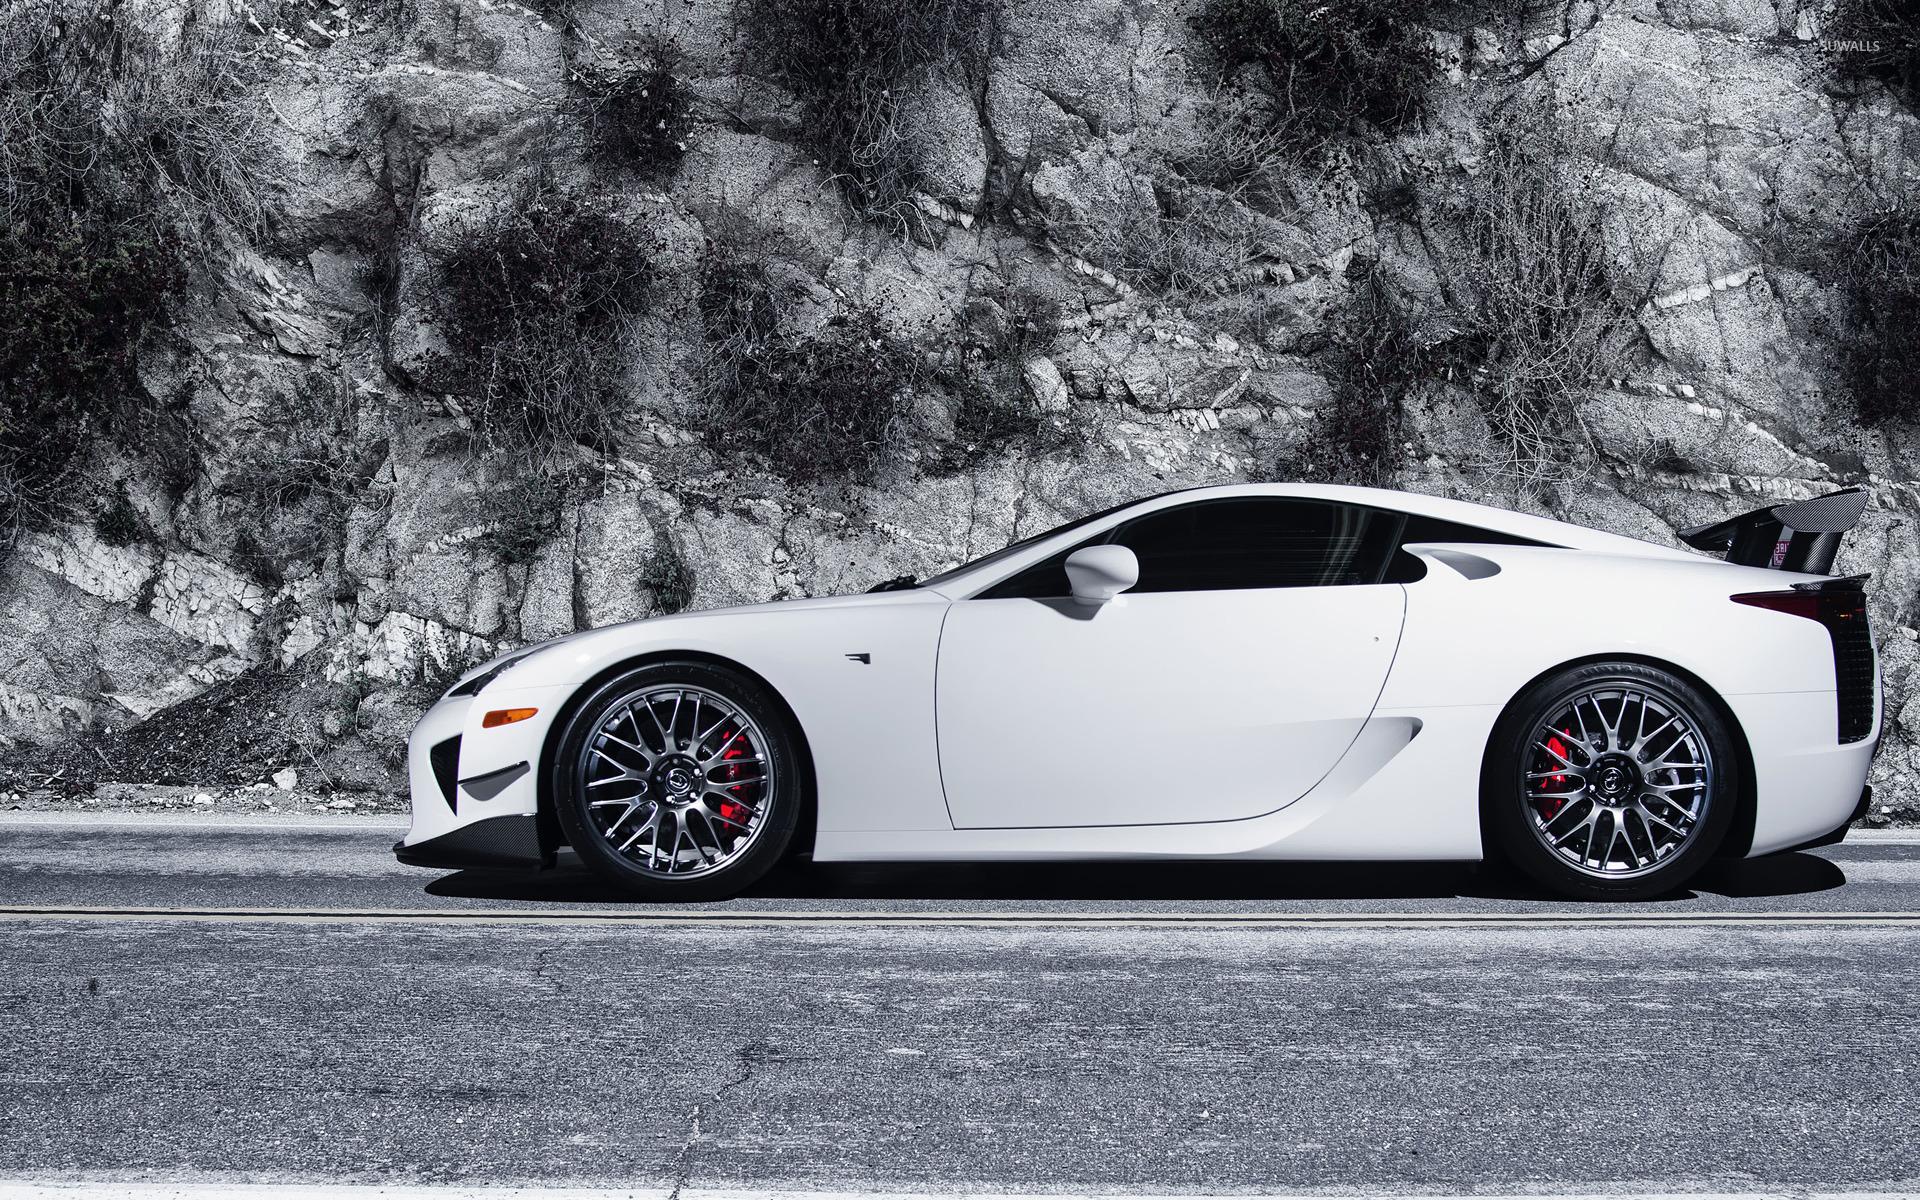 https://cdn.suwalls.com/wallpapers/cars/2013-lexus-gs-350-f-sport-15766-1920x1200.jpg